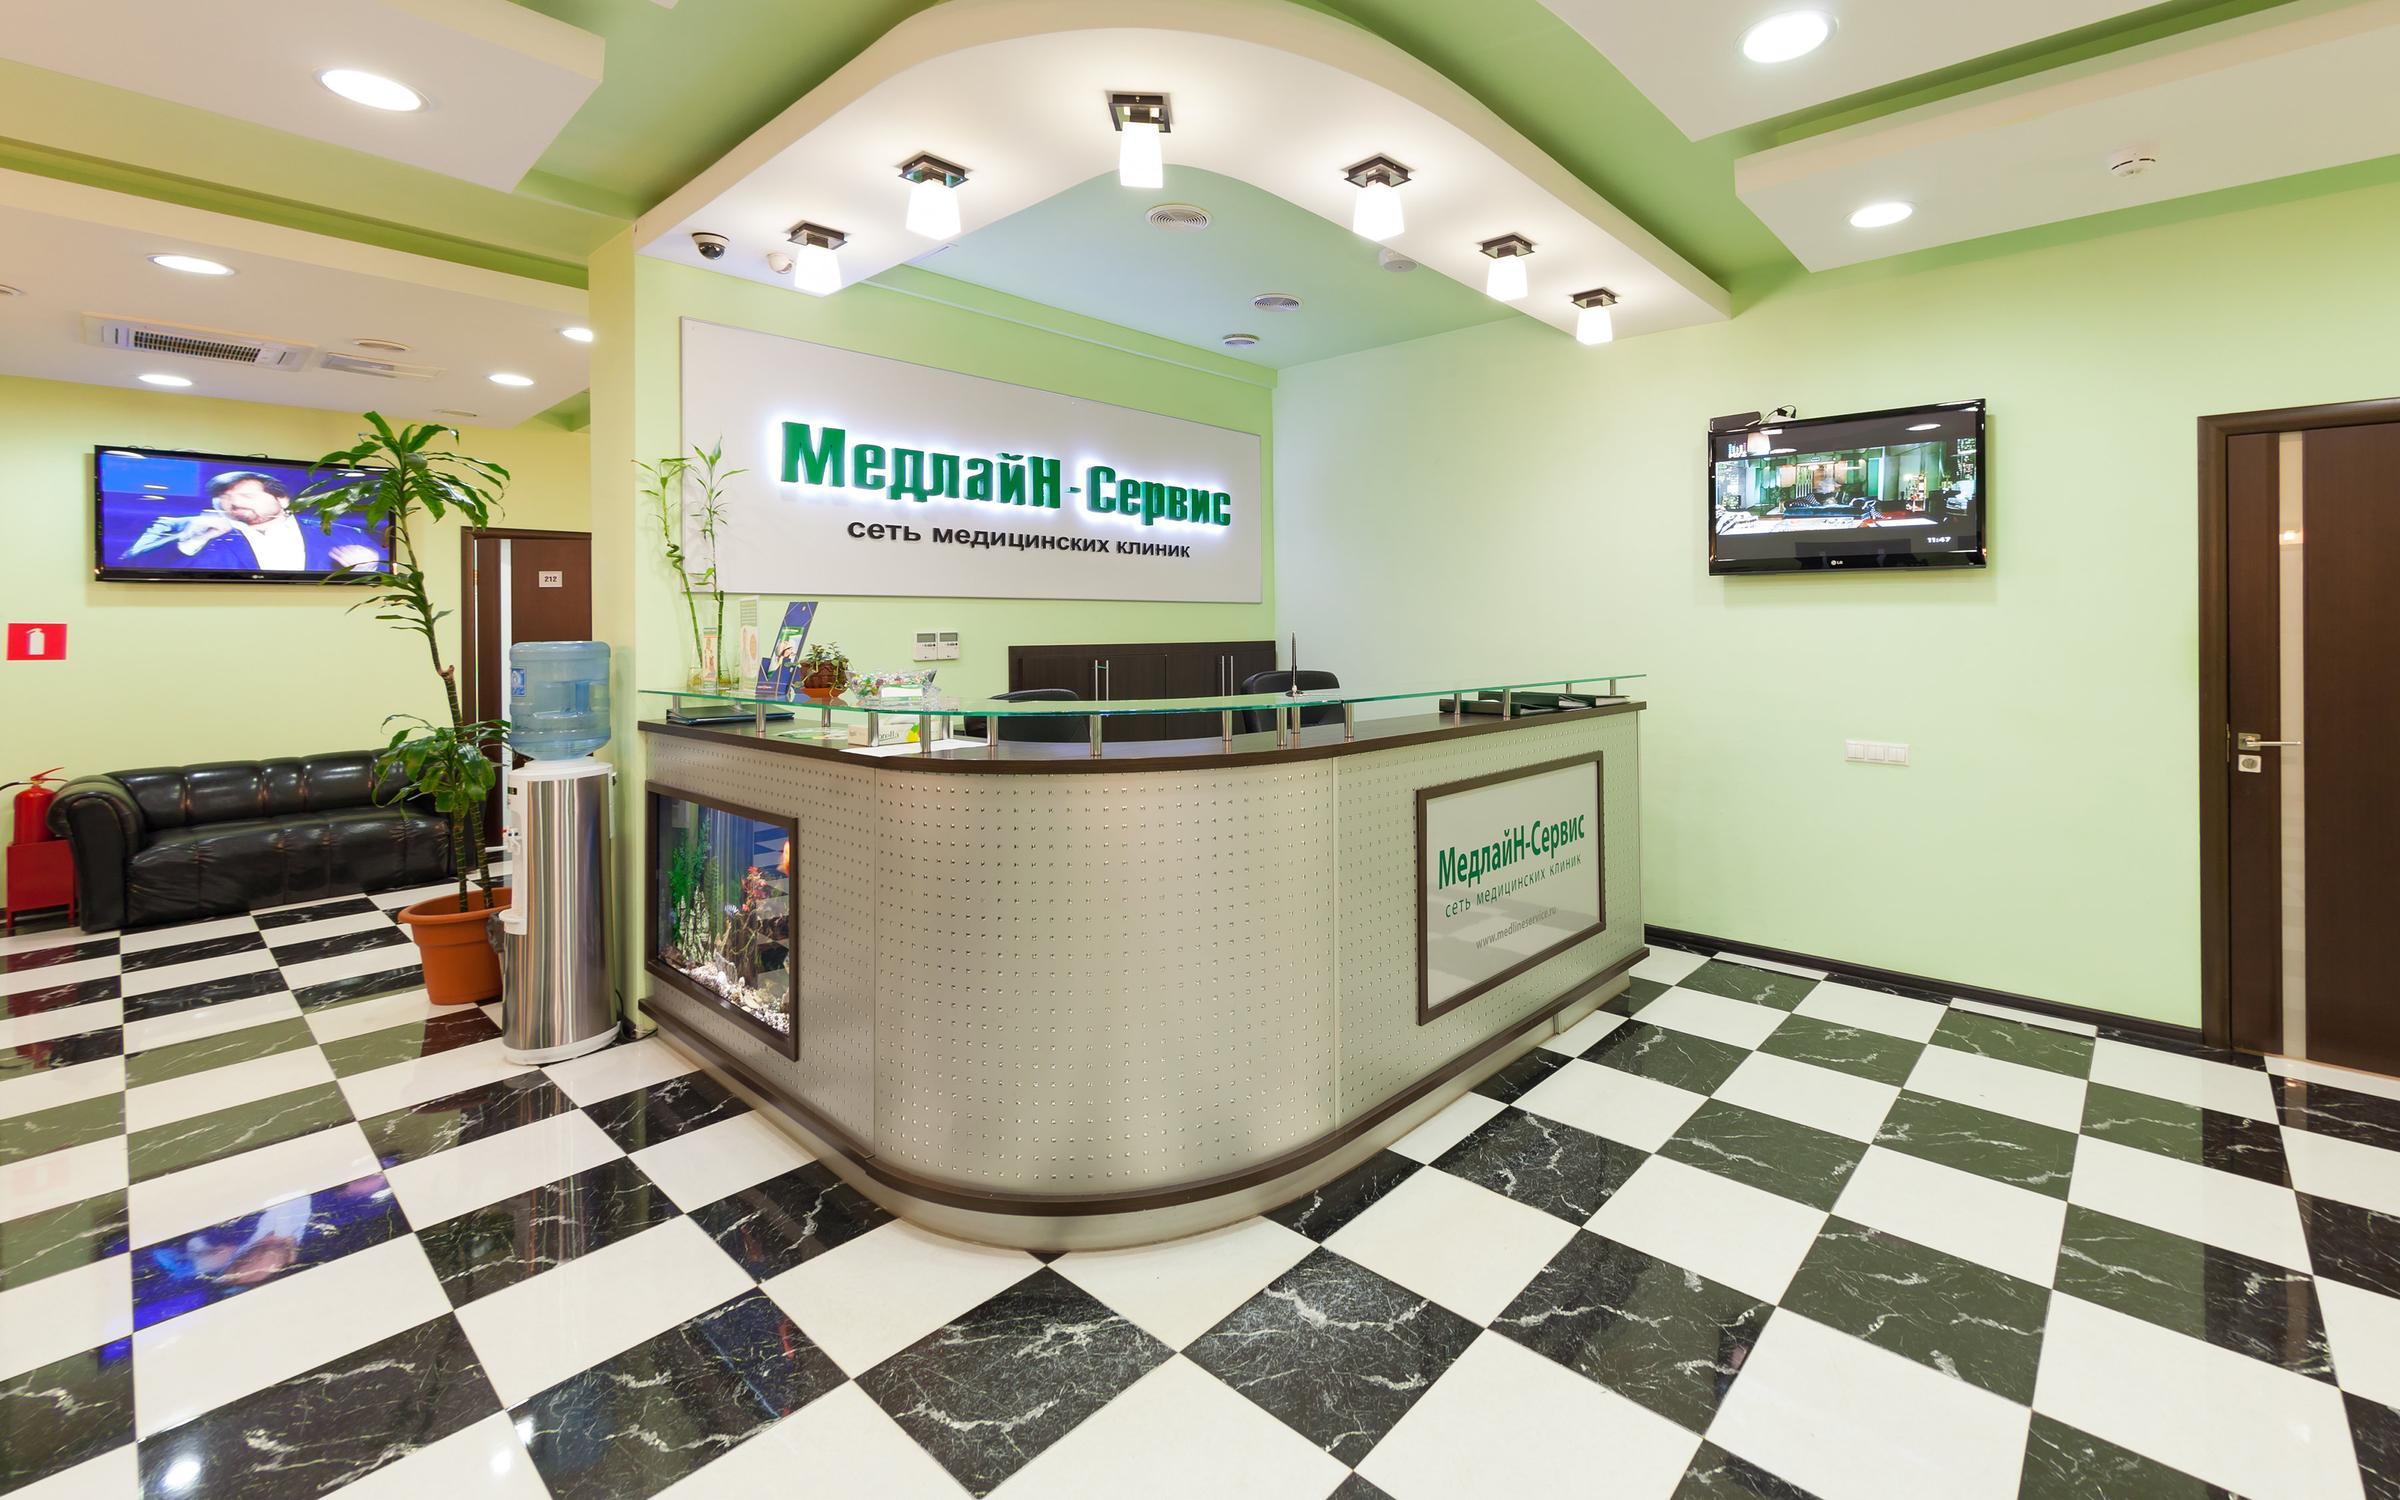 фотография Медицинского центра МедлайН-Сервис на улице Берзарина